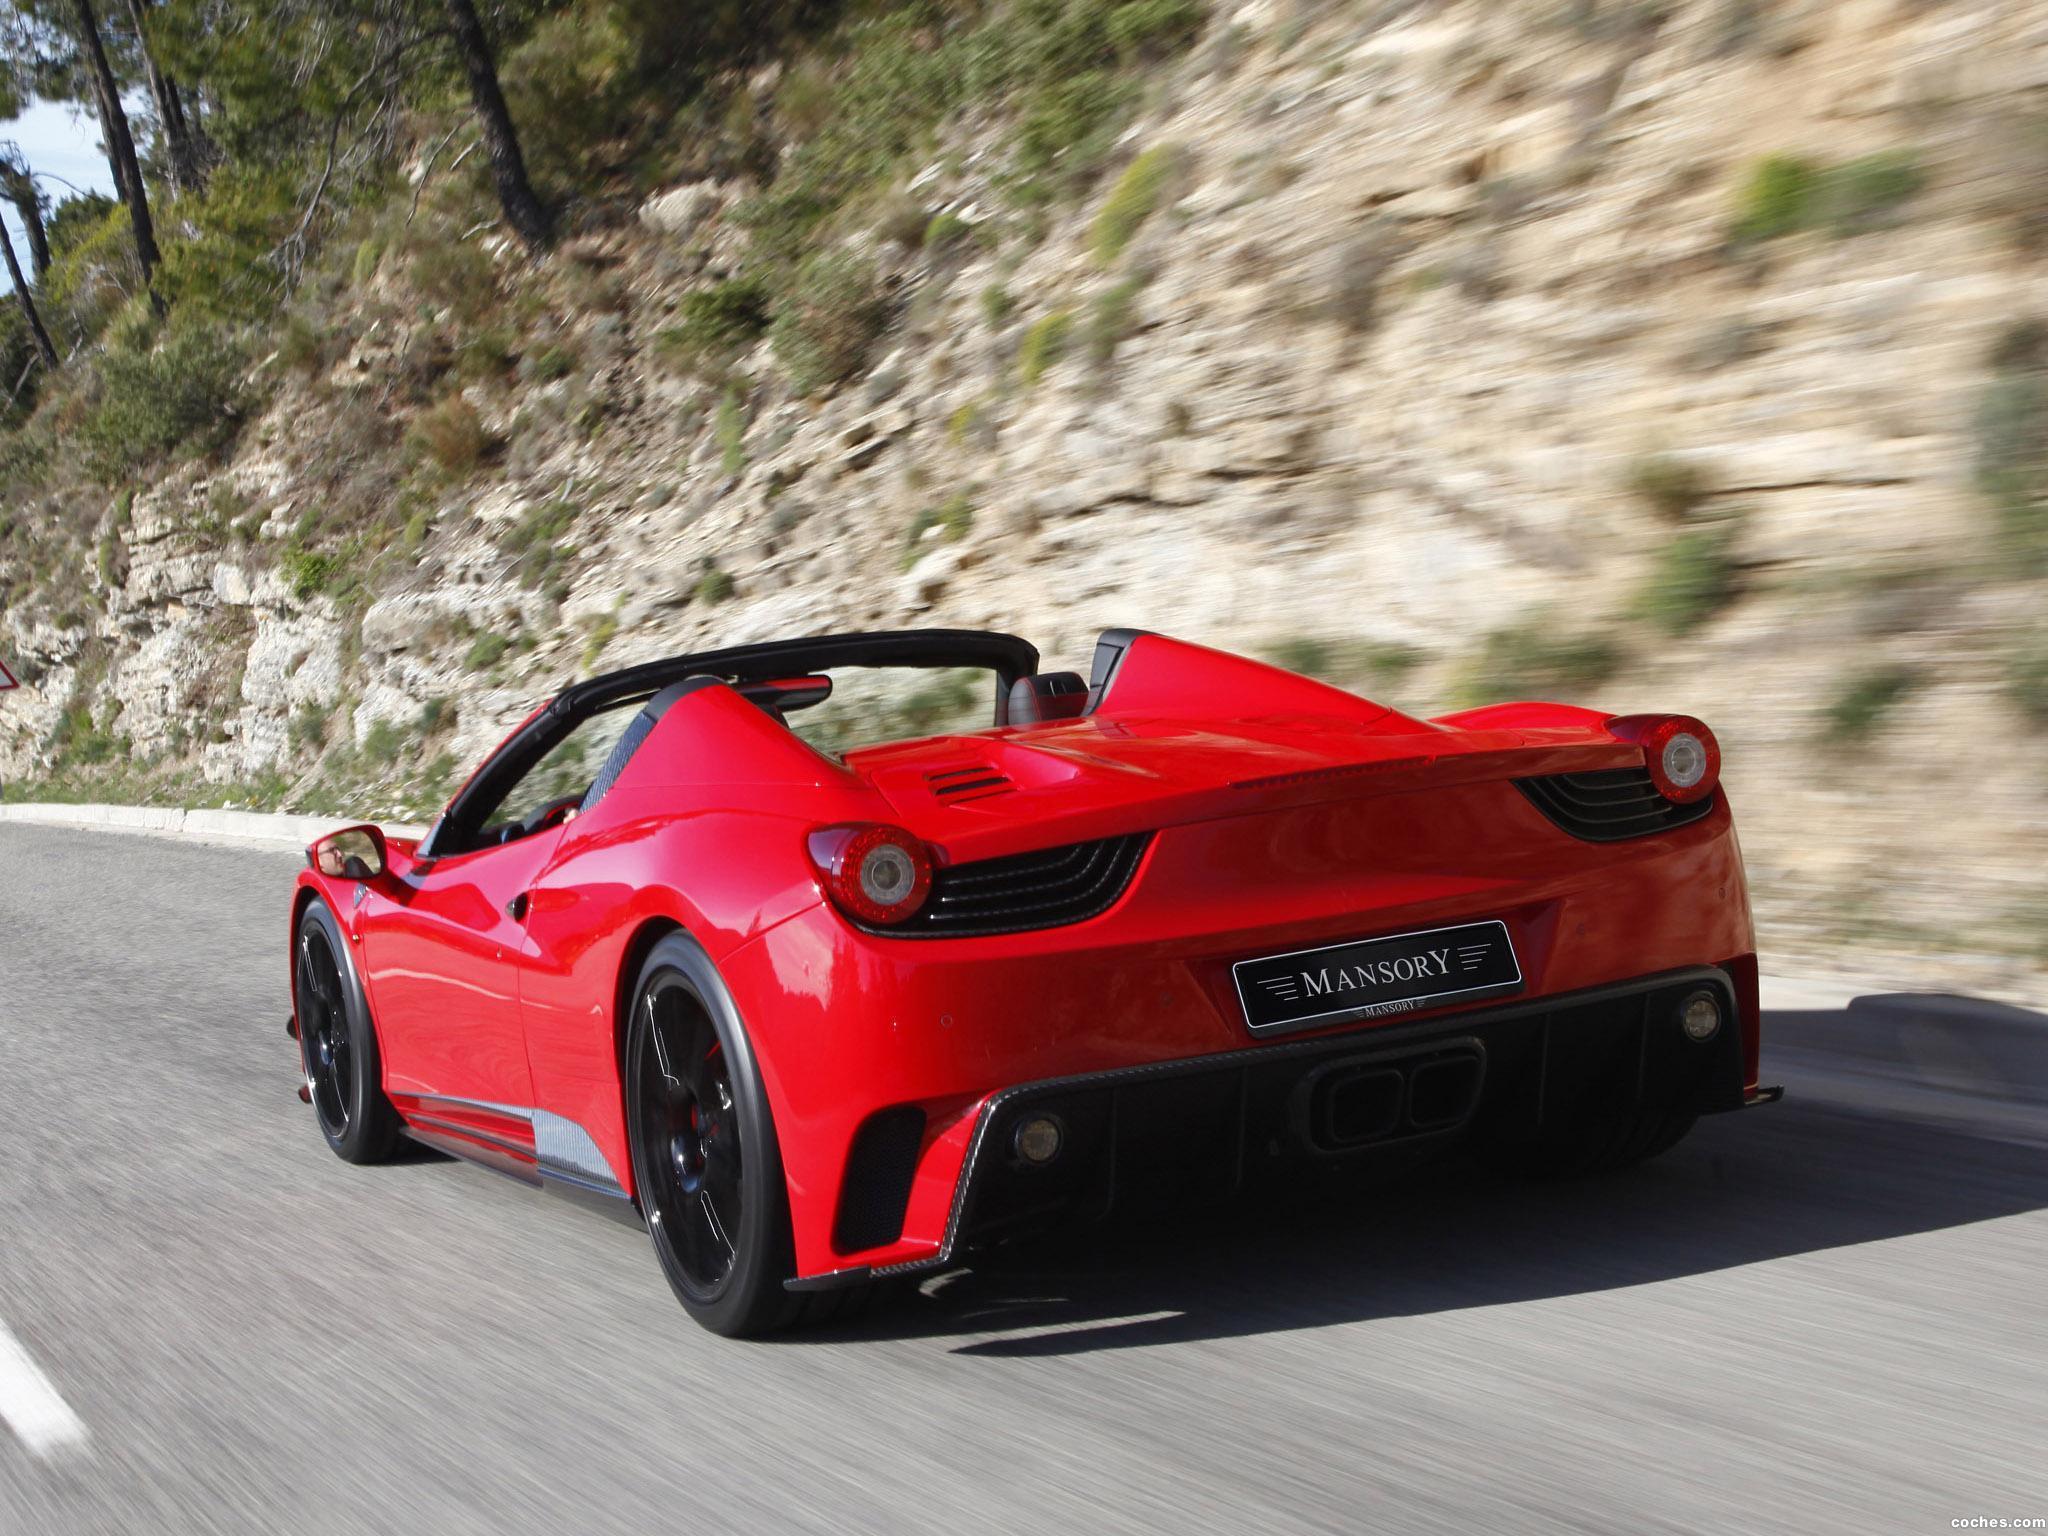 Foto 1 de Mansory Ferrari 458 Spider Monaco Edition 2012